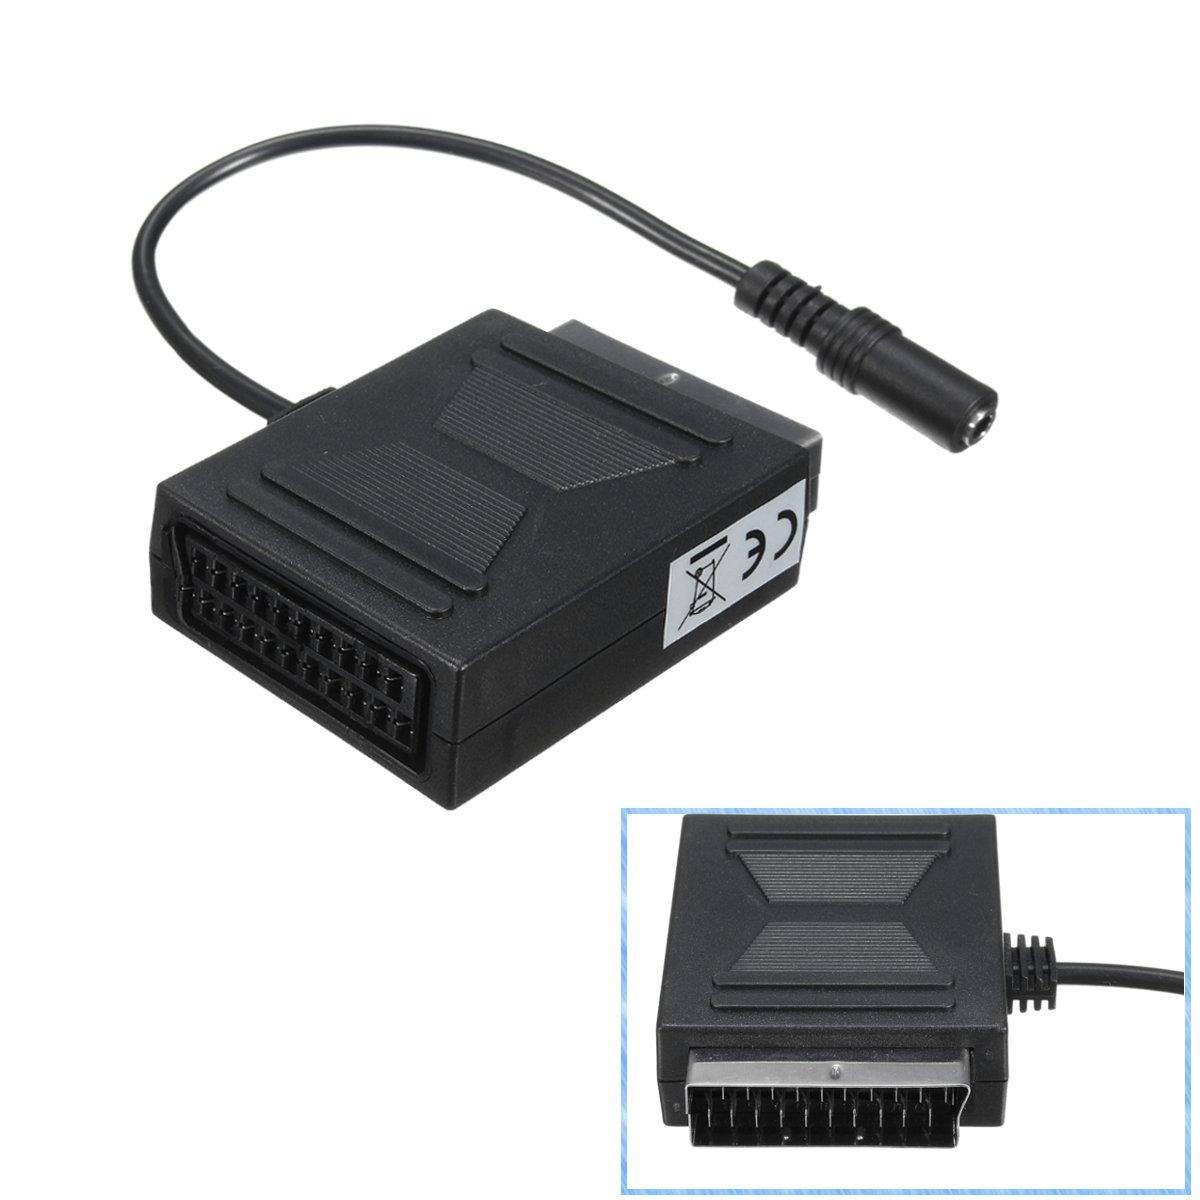 Adaptateur péritel stéréo noir, câble de connecteur, SCART mâle vers sortie Femelle 3.5mm